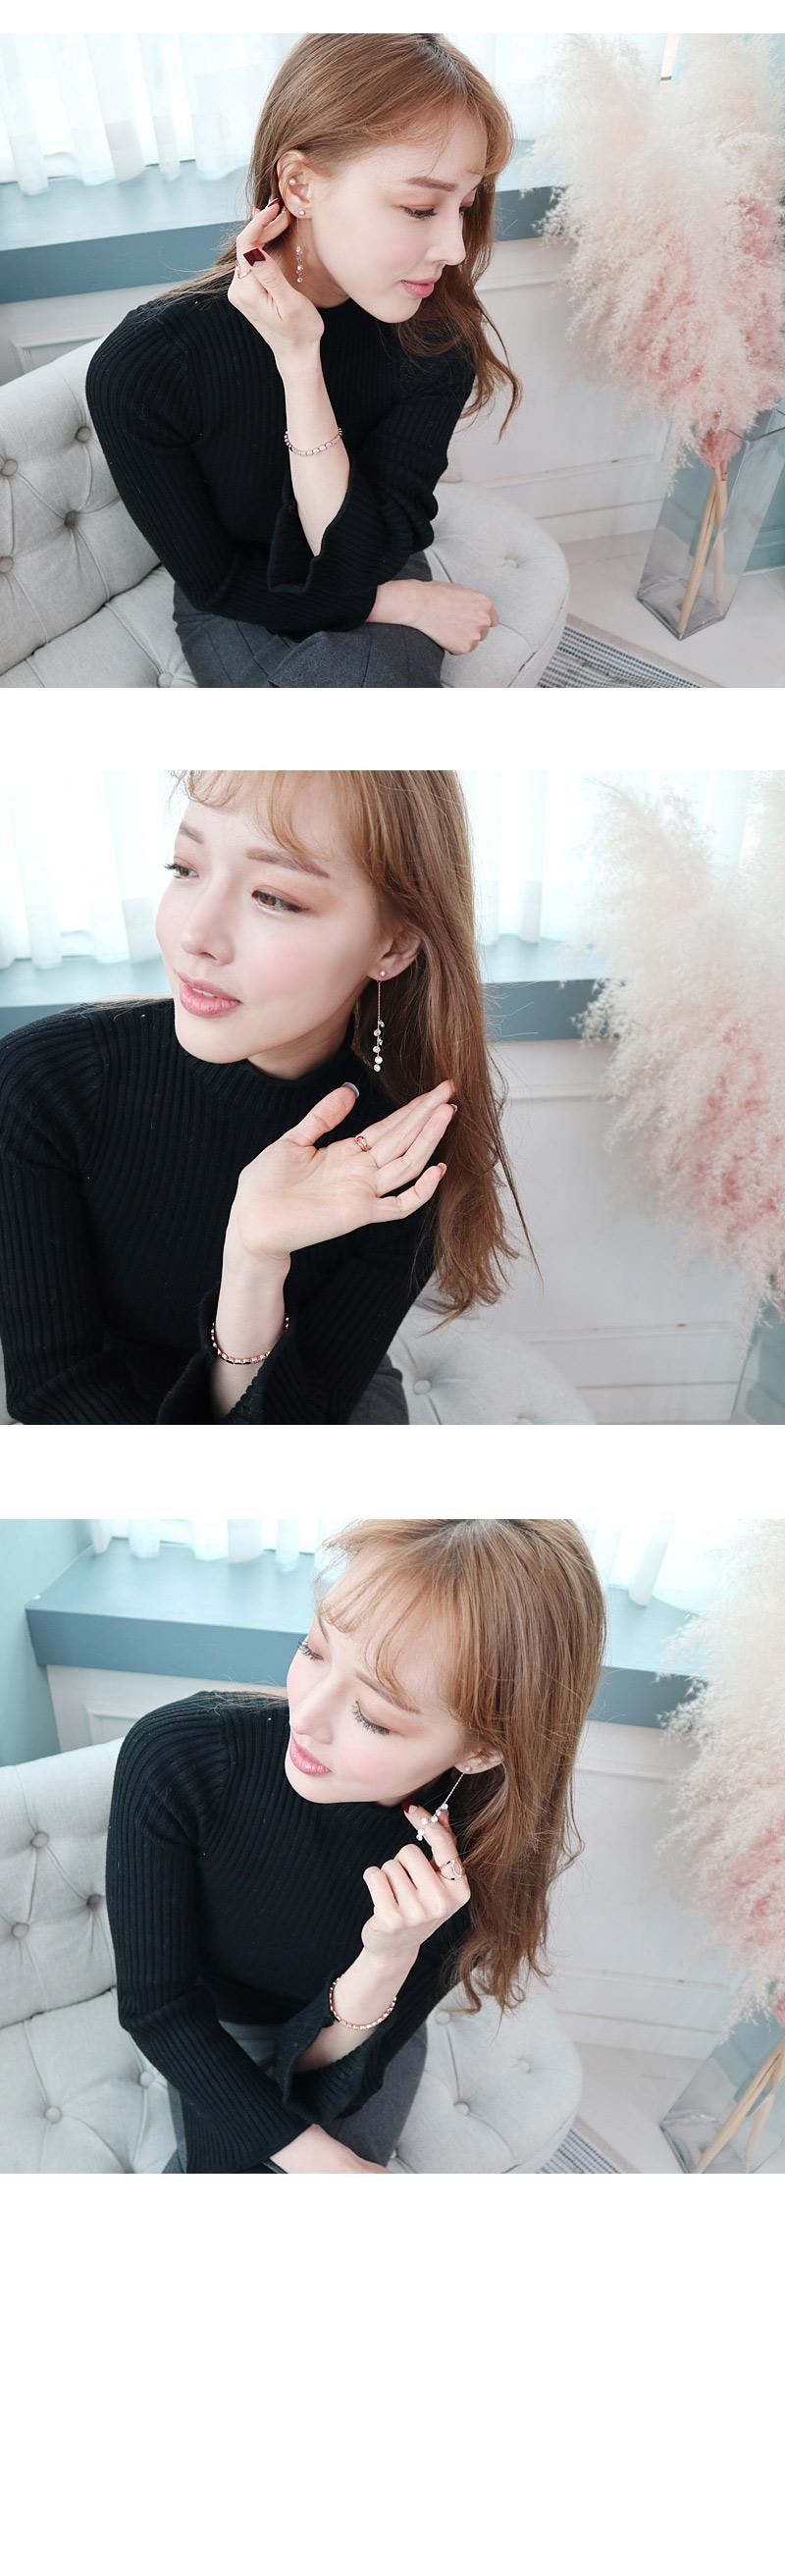 큐빅 송송이 귀걸이(925 은침) - 라벨르, 28,000원, 실버, 드롭귀걸이